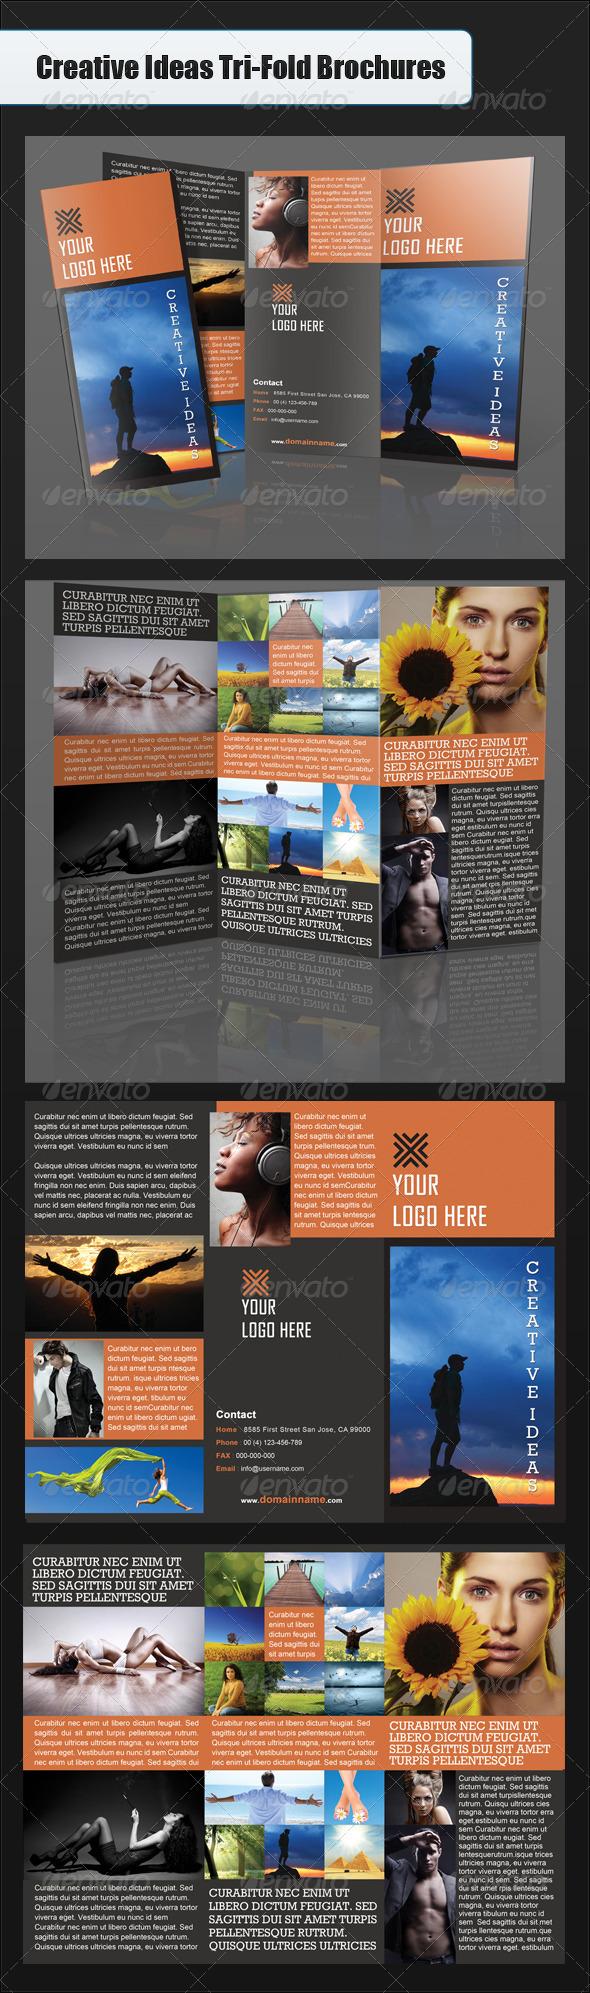 GraphicRiver Creative Ideas Tri-Fold Brochure 3736880